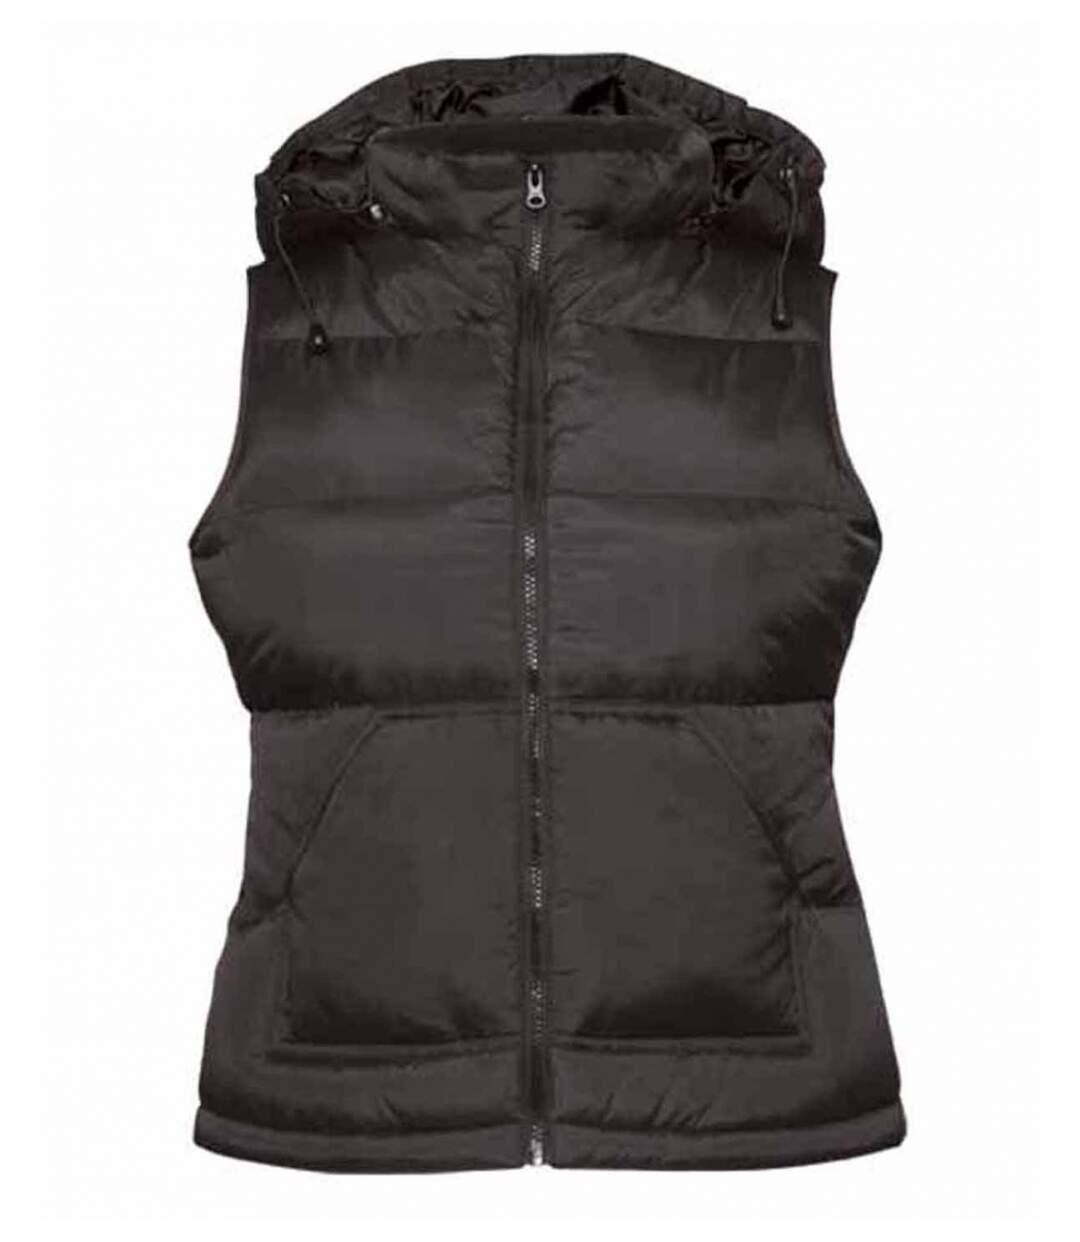 Doudoune femme sans manches - Bodywarmer JW935 - noir